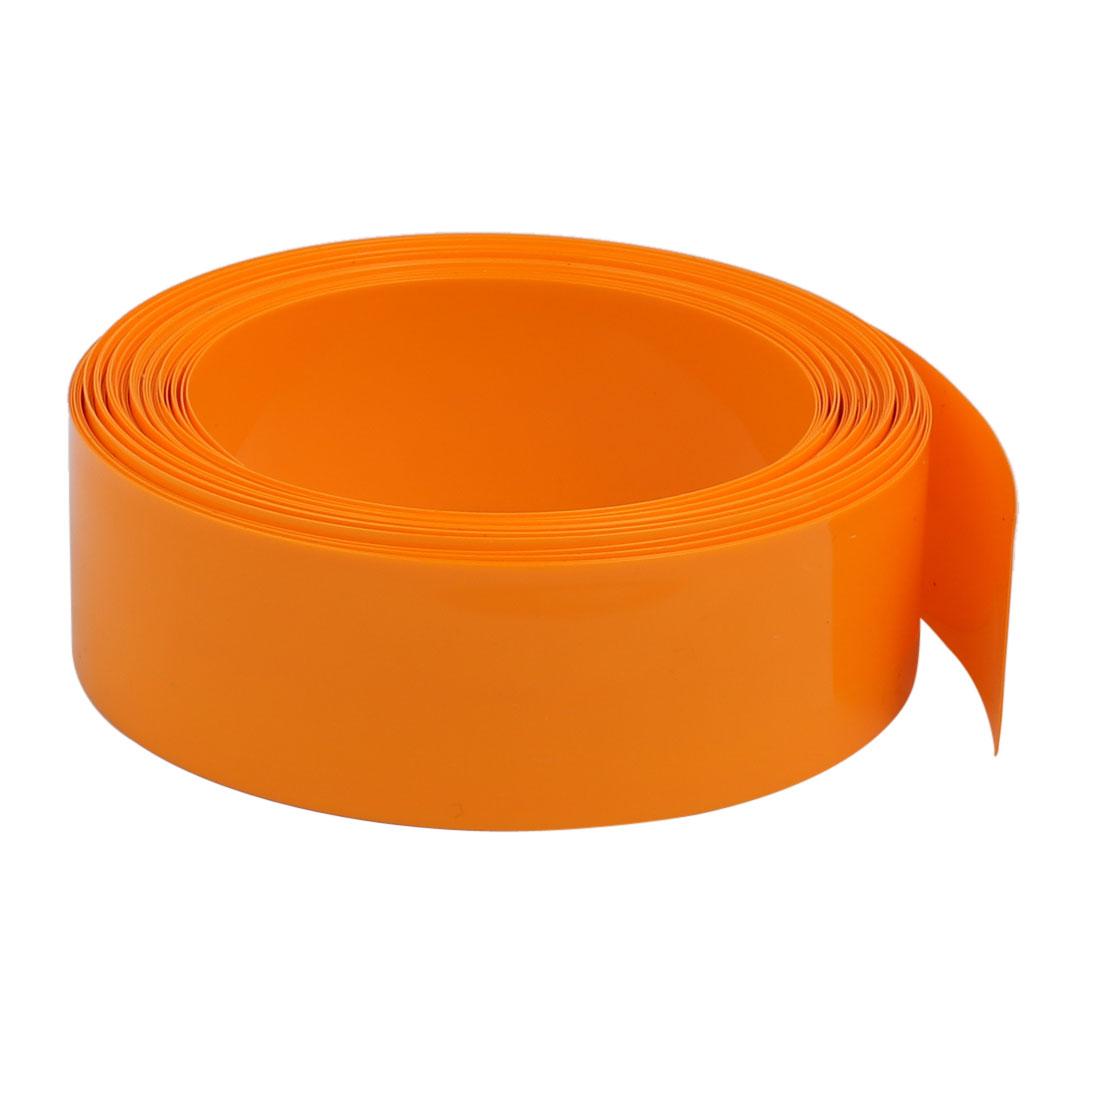 29.5mm Flat Width 10Meter Long PVC Heat Shrinkable Tube Orange for 18650 Battery